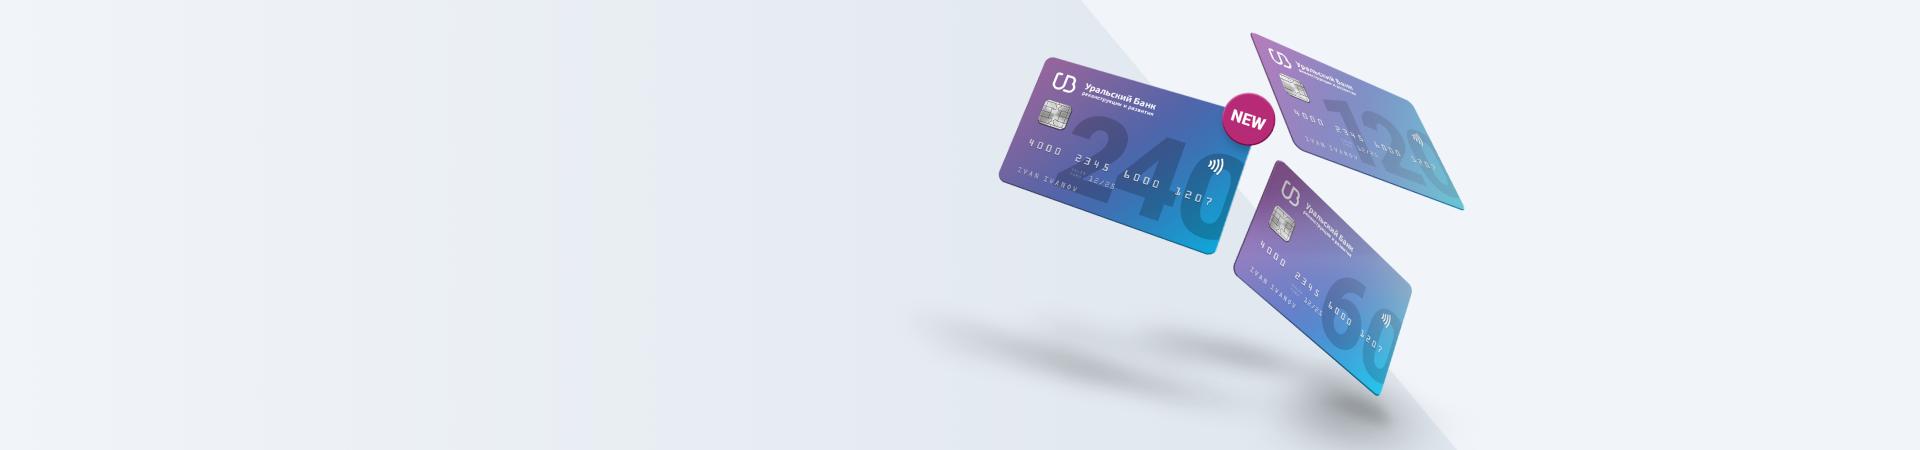 Кредитная карта<br>до 240 дней без процентов